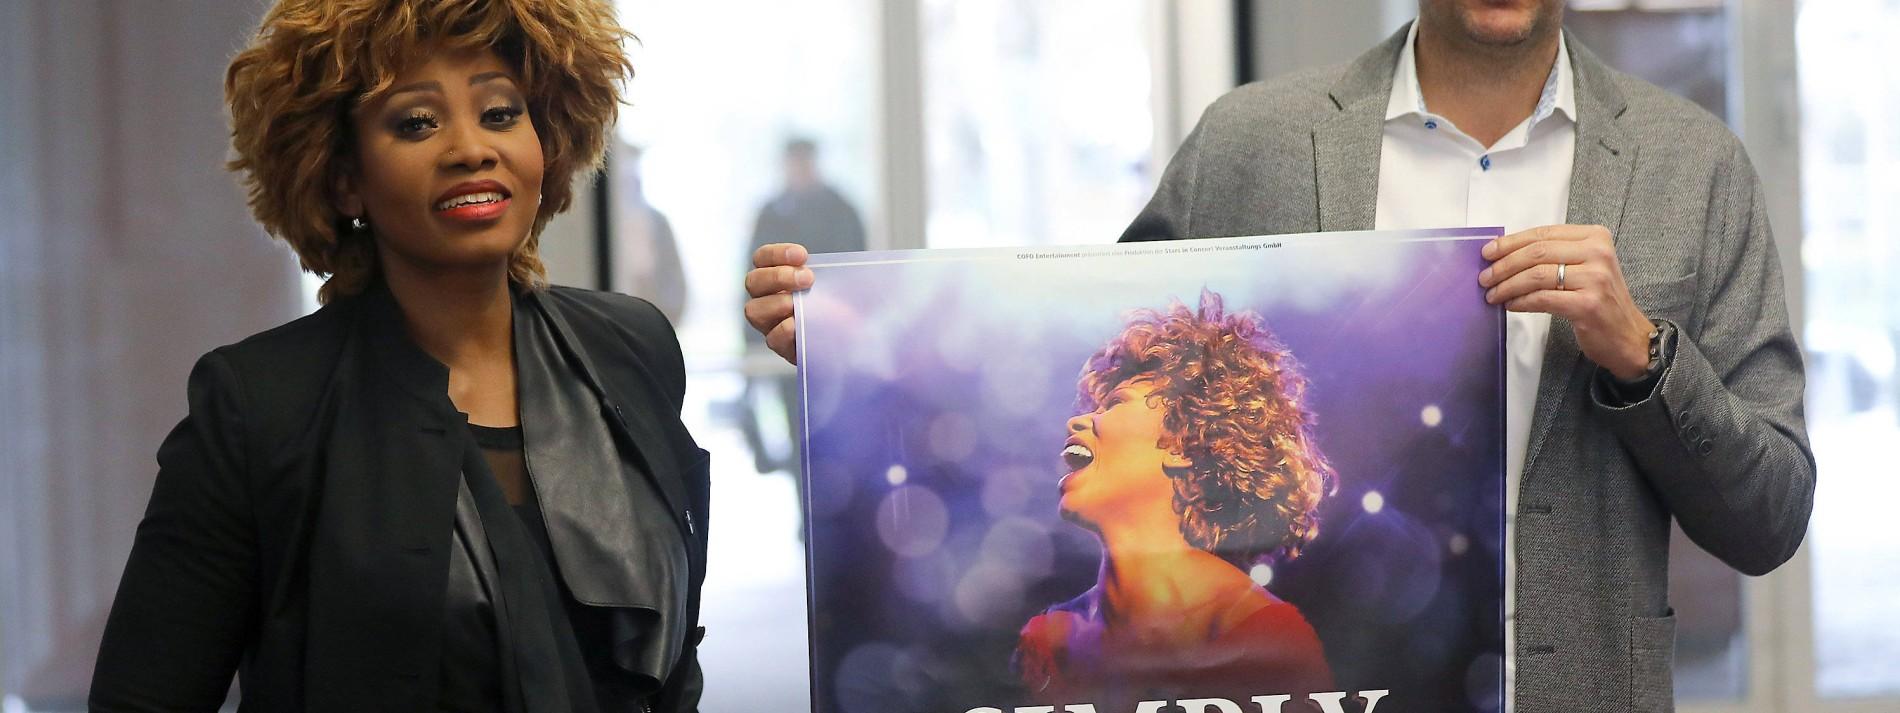 Wie echt darf eine falsche Tina Turner aussehen?